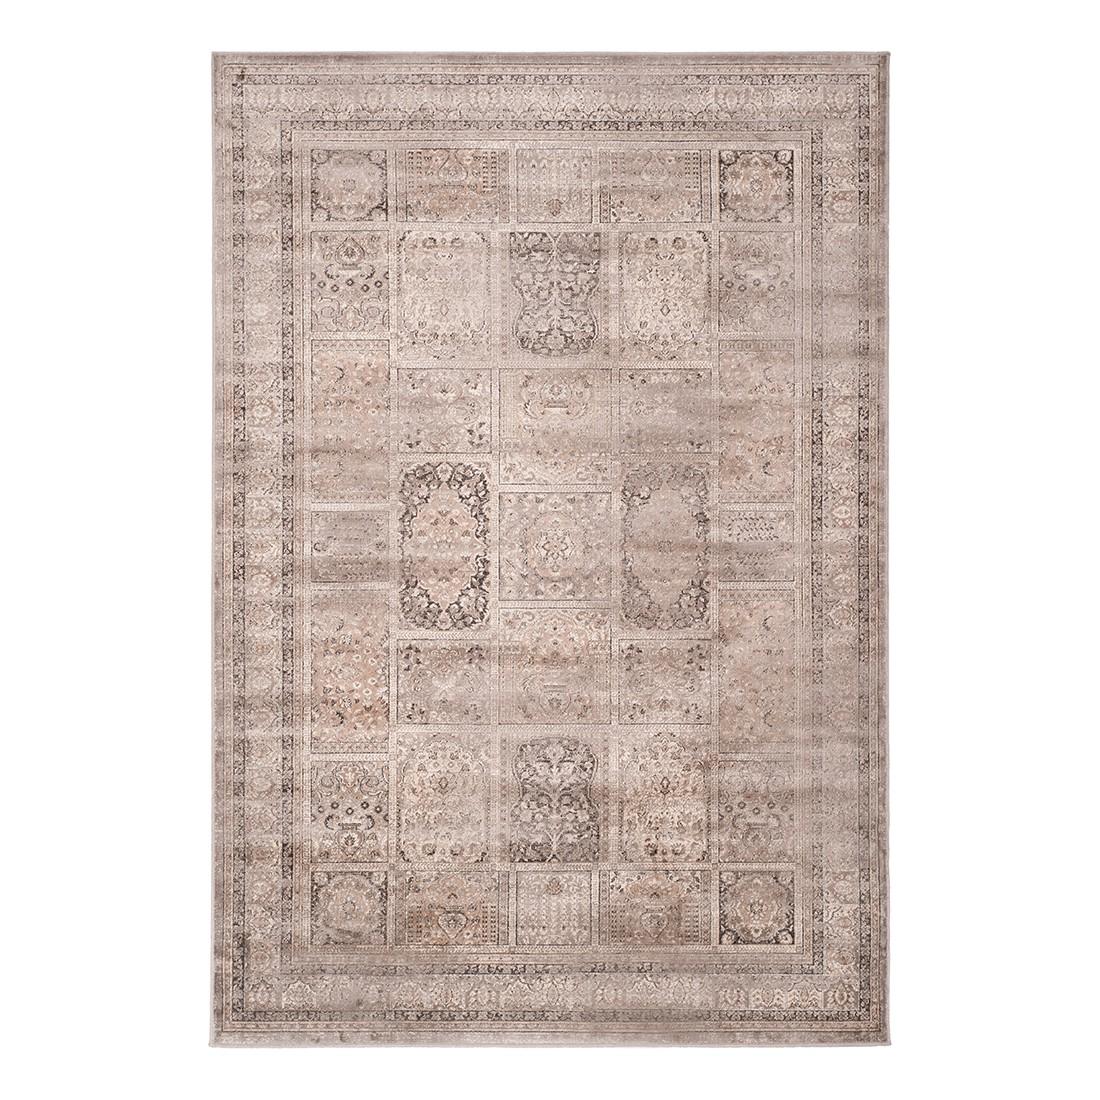 Teppich  Teppich Suri - Vintagelook Mocca | Home24